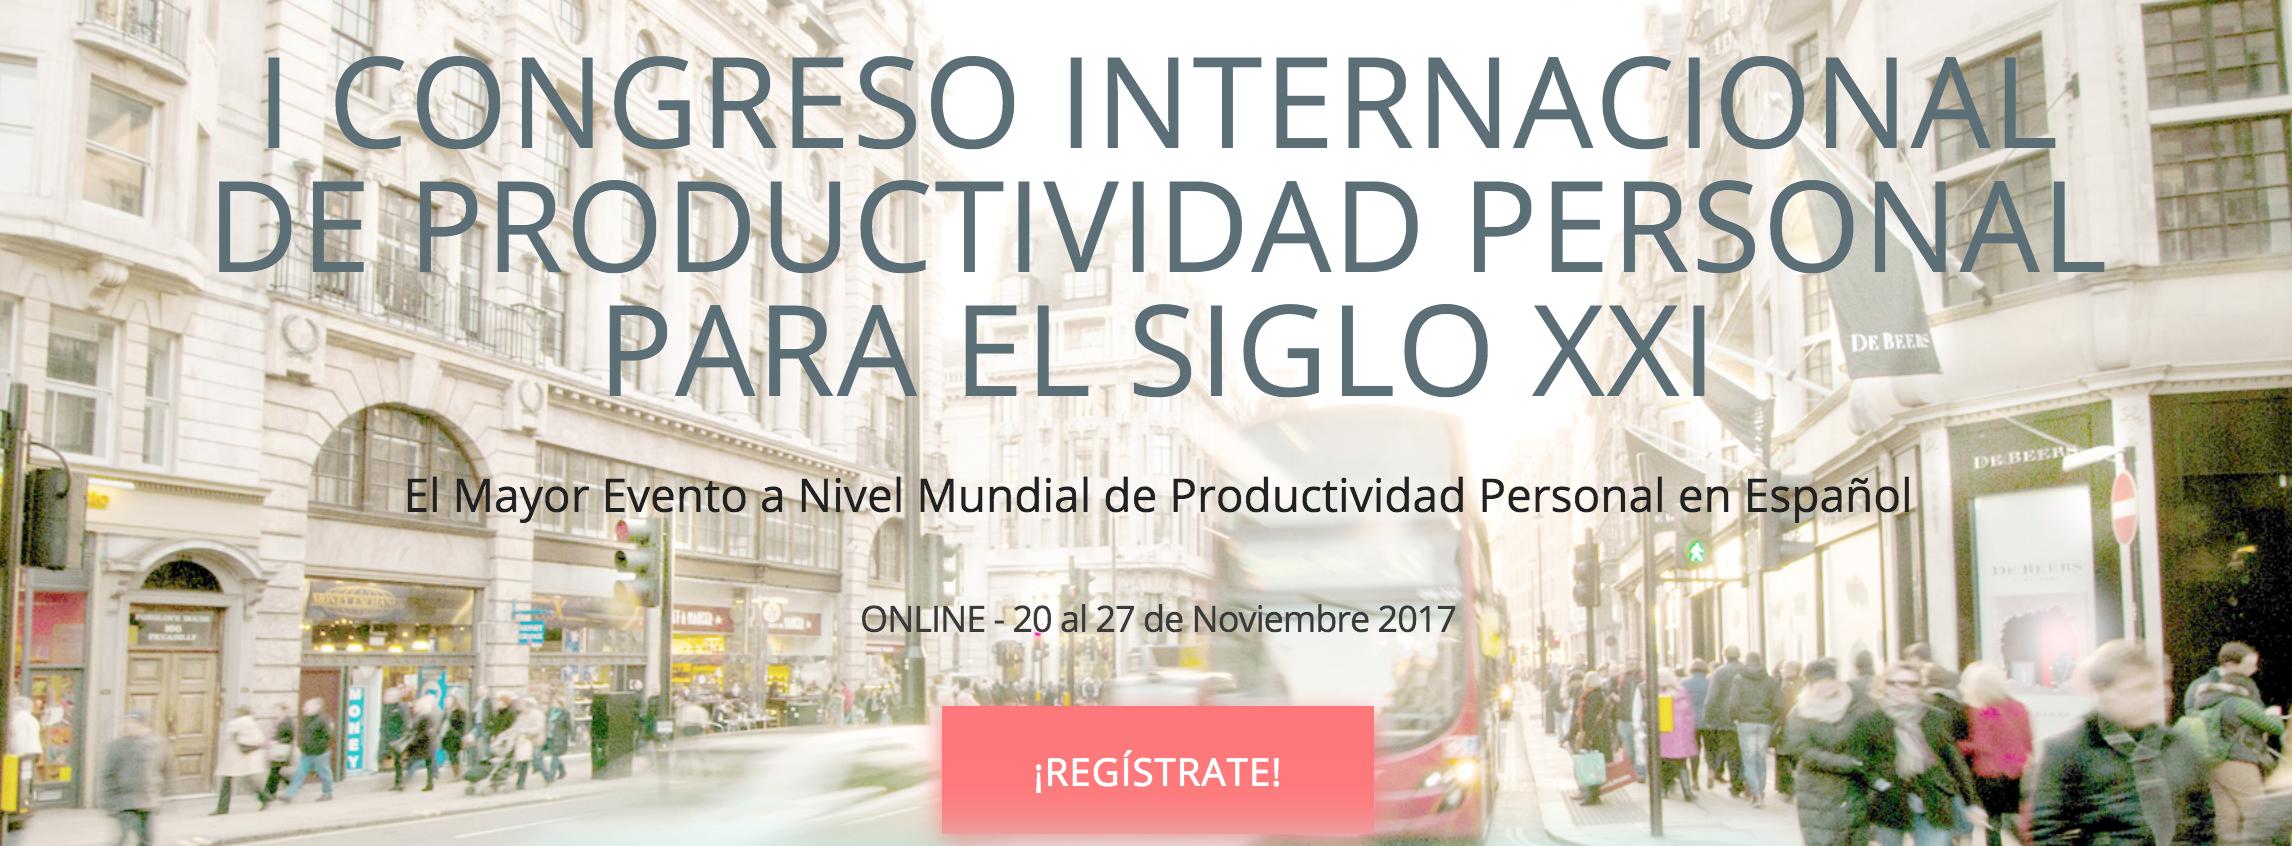 Congreso Internacional Online de Productividad Personal